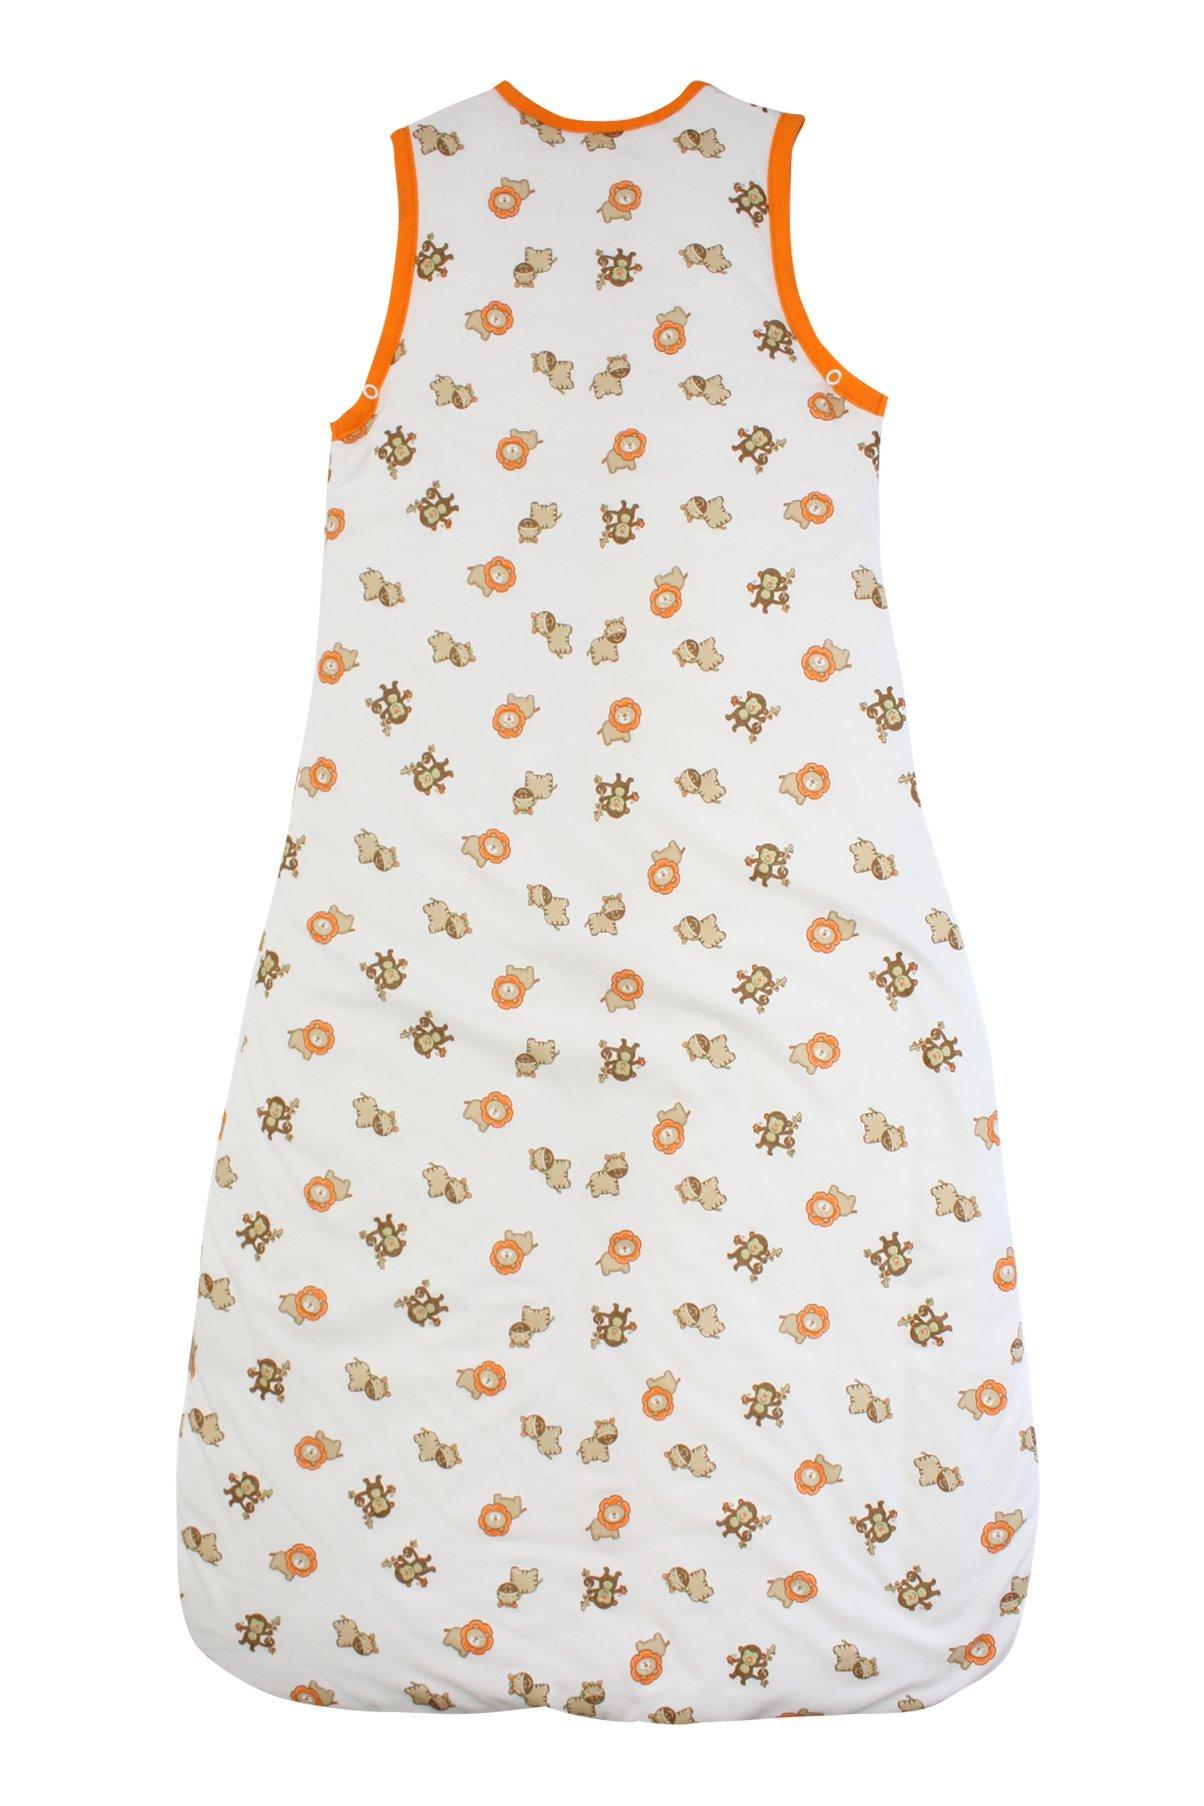 Saco de dormir de verano para niño Slumbersac 1.0 Tog AOP Simplemente Zoológico 3-6 años-130cm